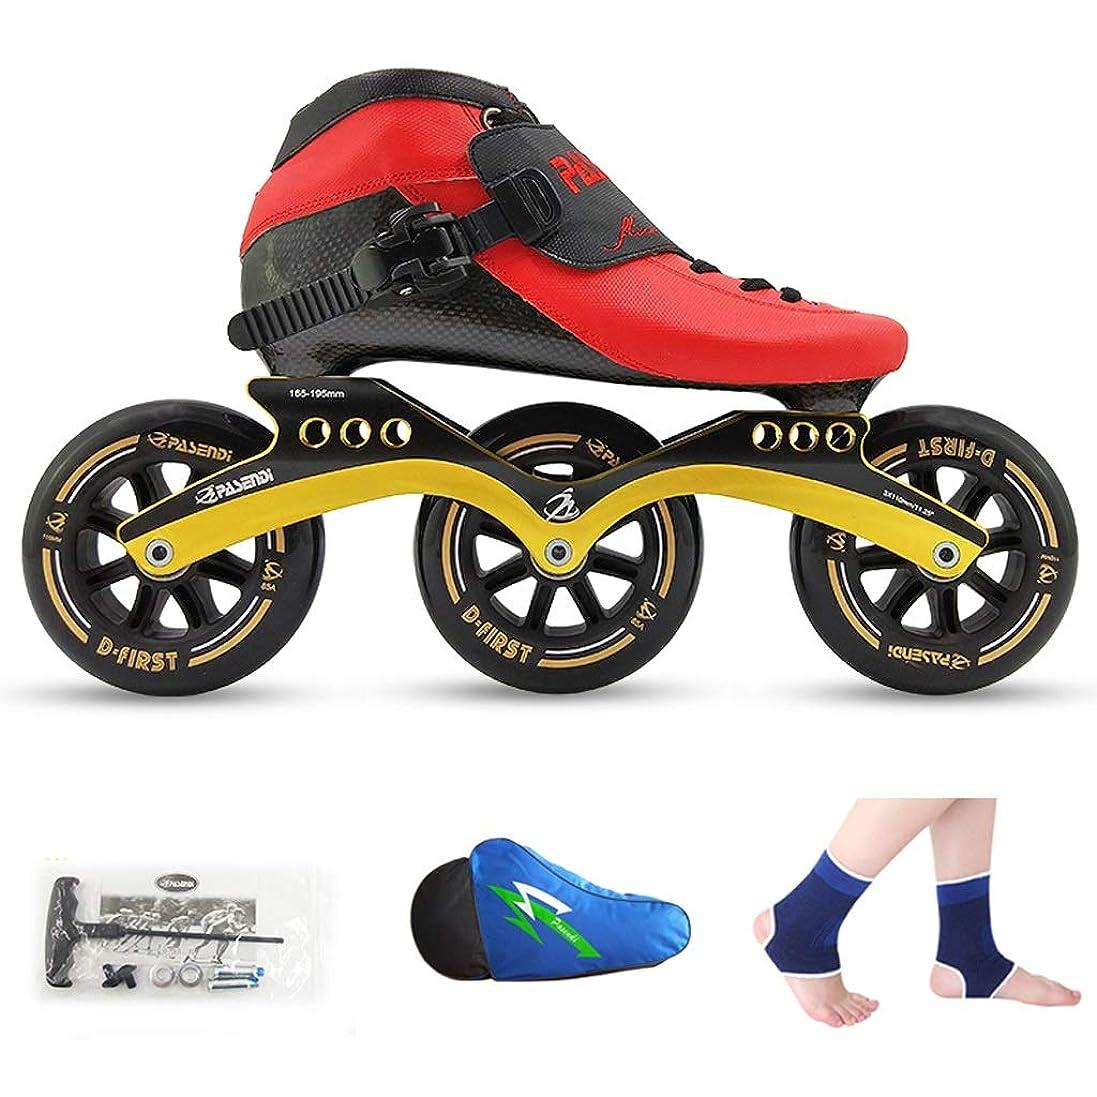 アセンブリクリップ蝶白鳥インラインスケート ローラースケート、 スピードスケート靴、 レーシングシューズ、 子供の大人のプロスケート、 男性と女性のインラインスケート キッズ ローラースケート (Color : Red shoes+black wheels, Size : 45)